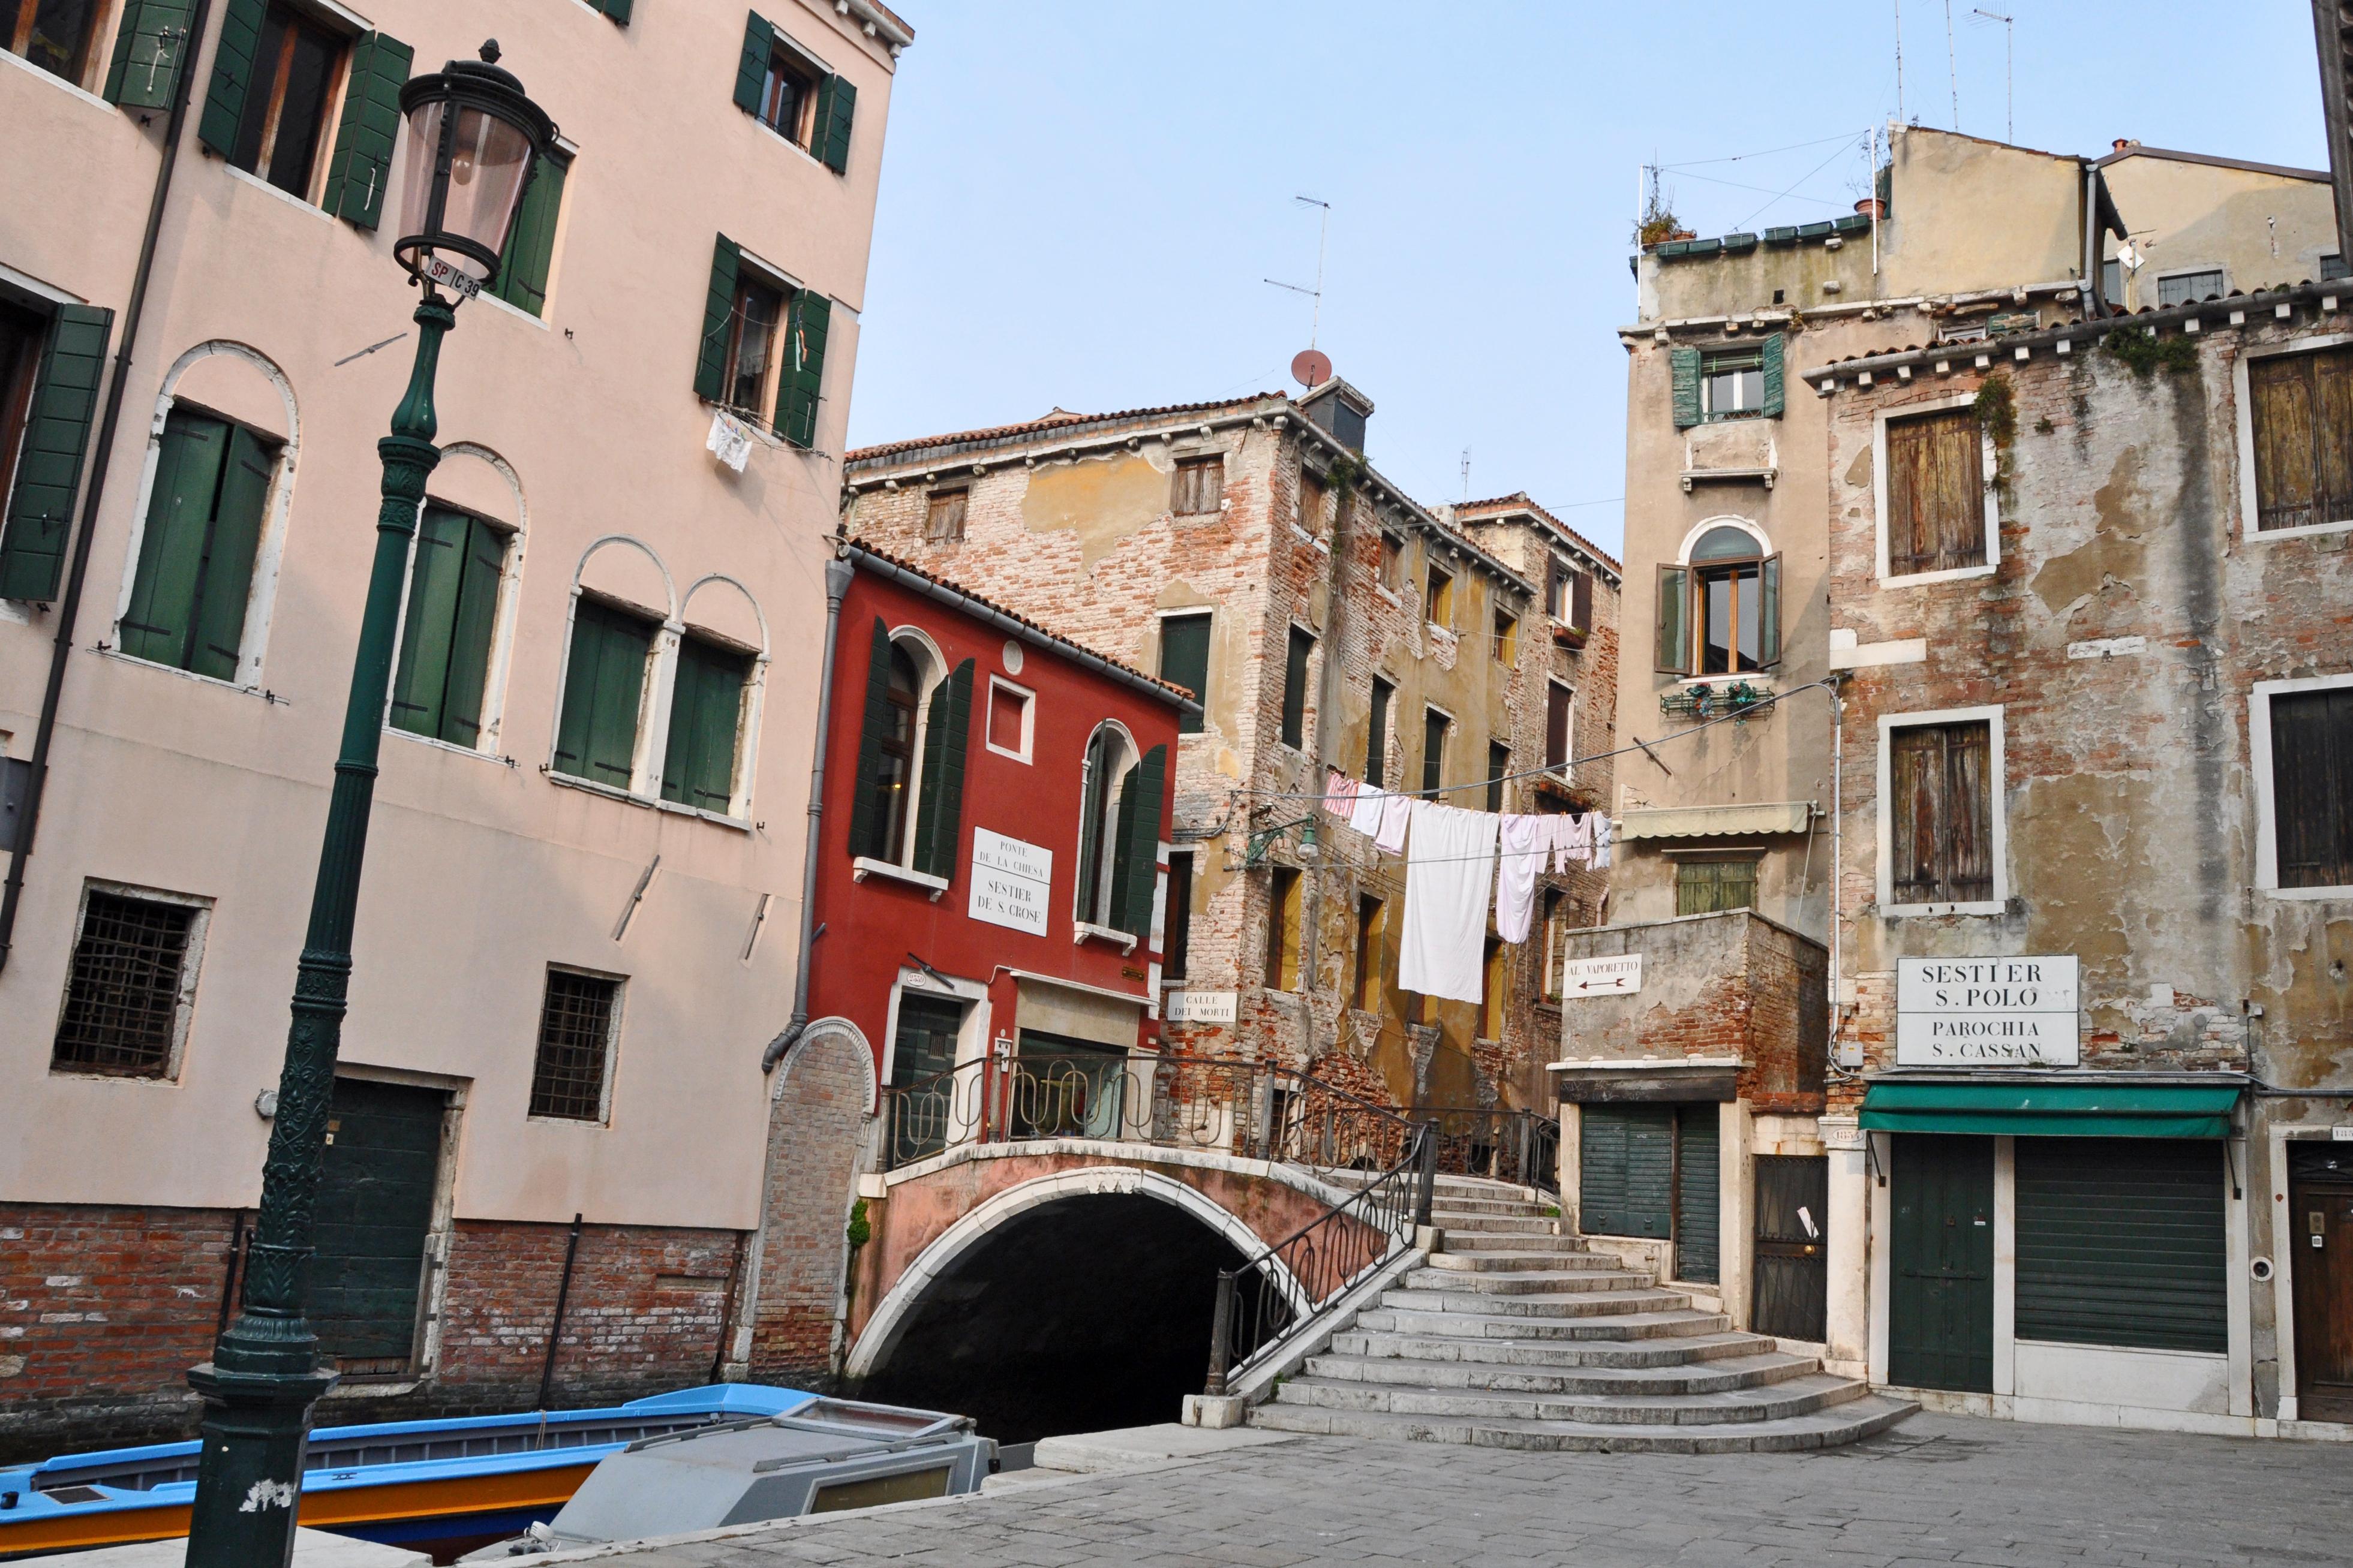 San Polo sestiere in Venice